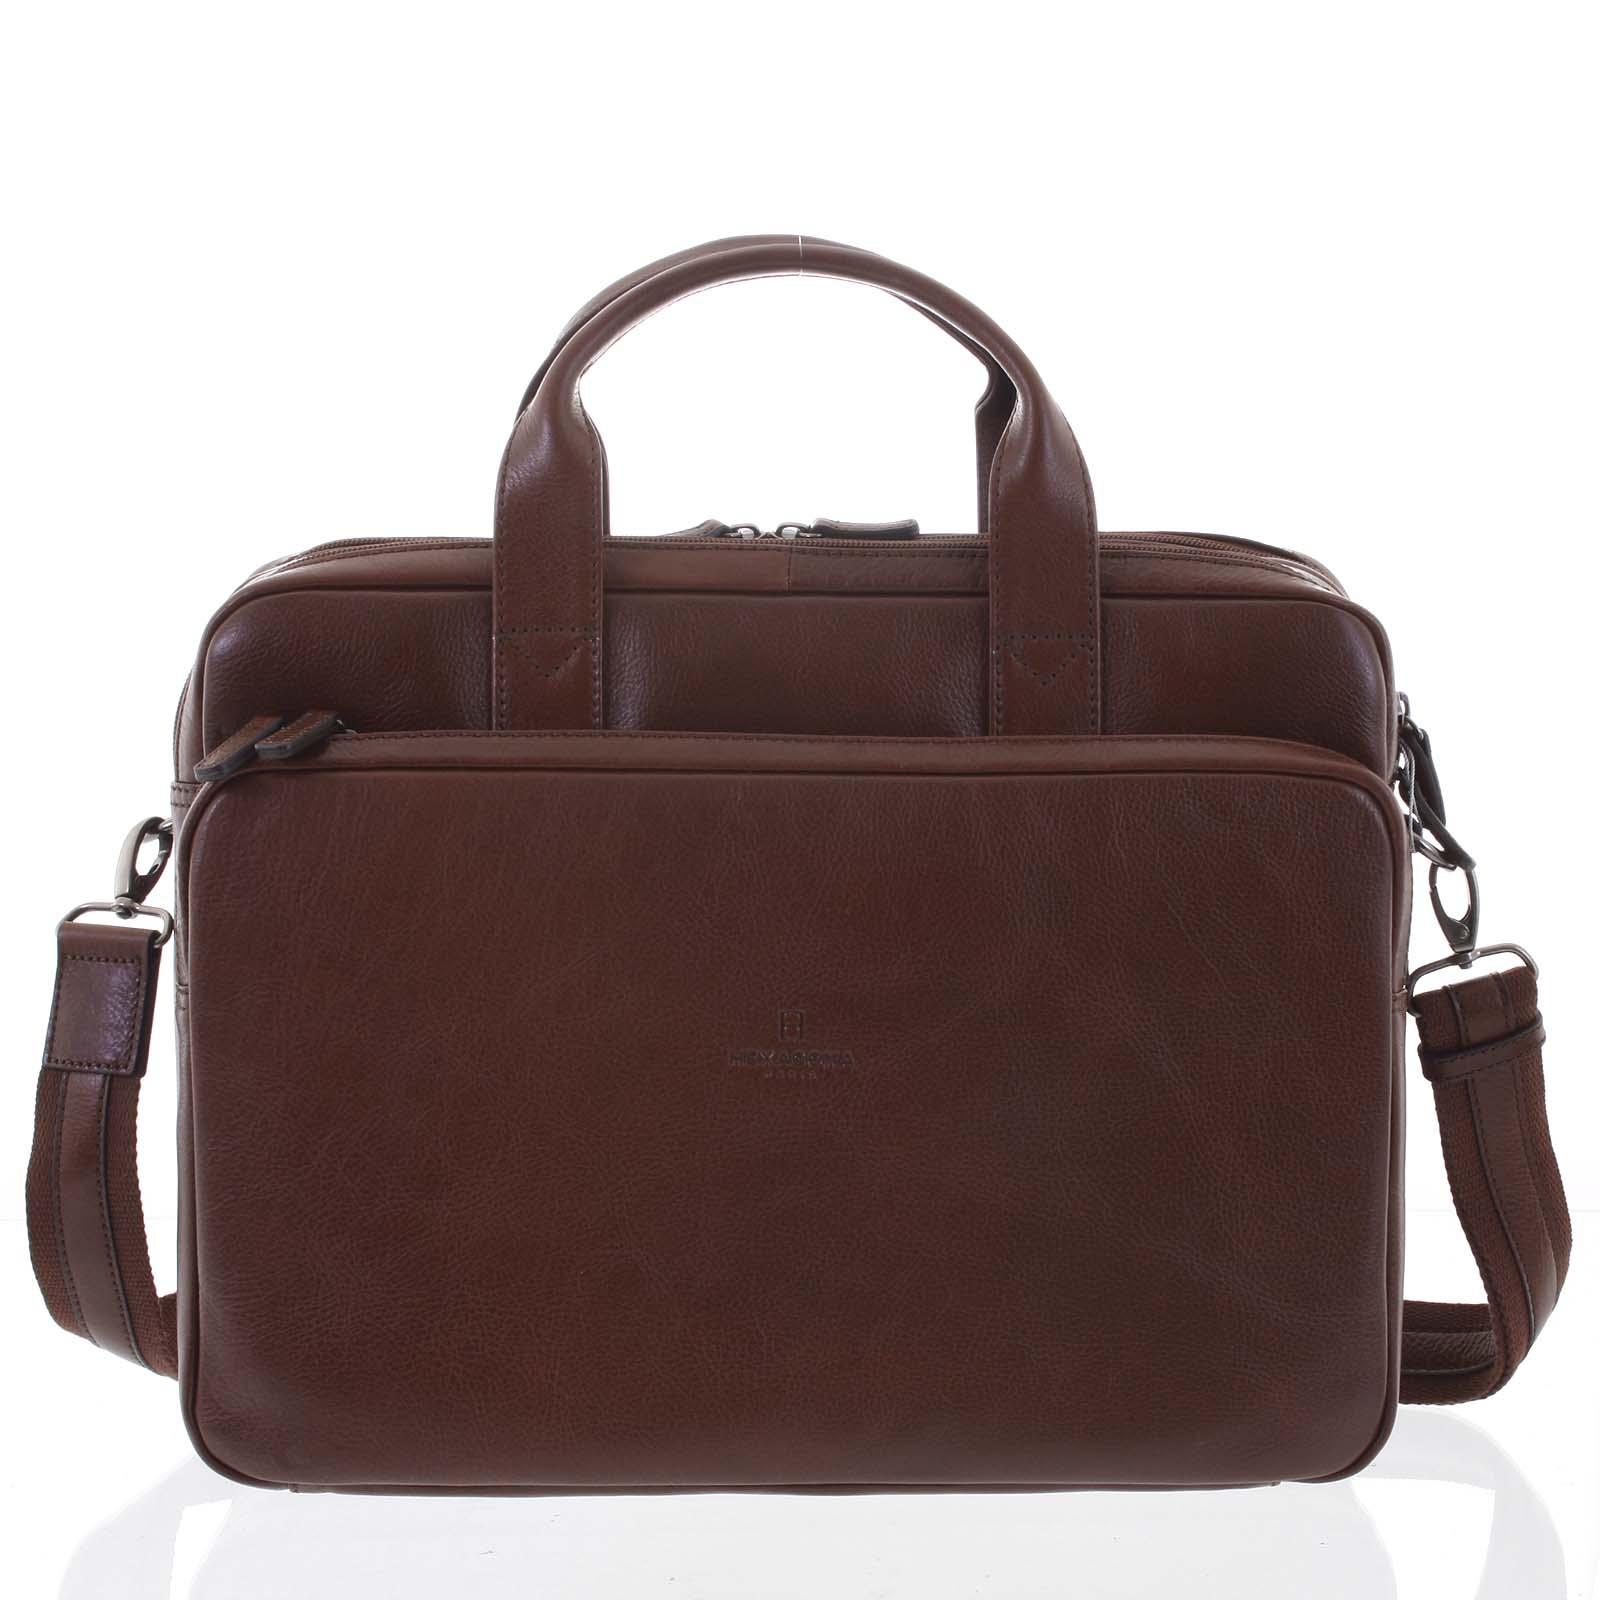 Luxusná hnedá prešívaná kožená taška - Hexagona Adonis hnedá